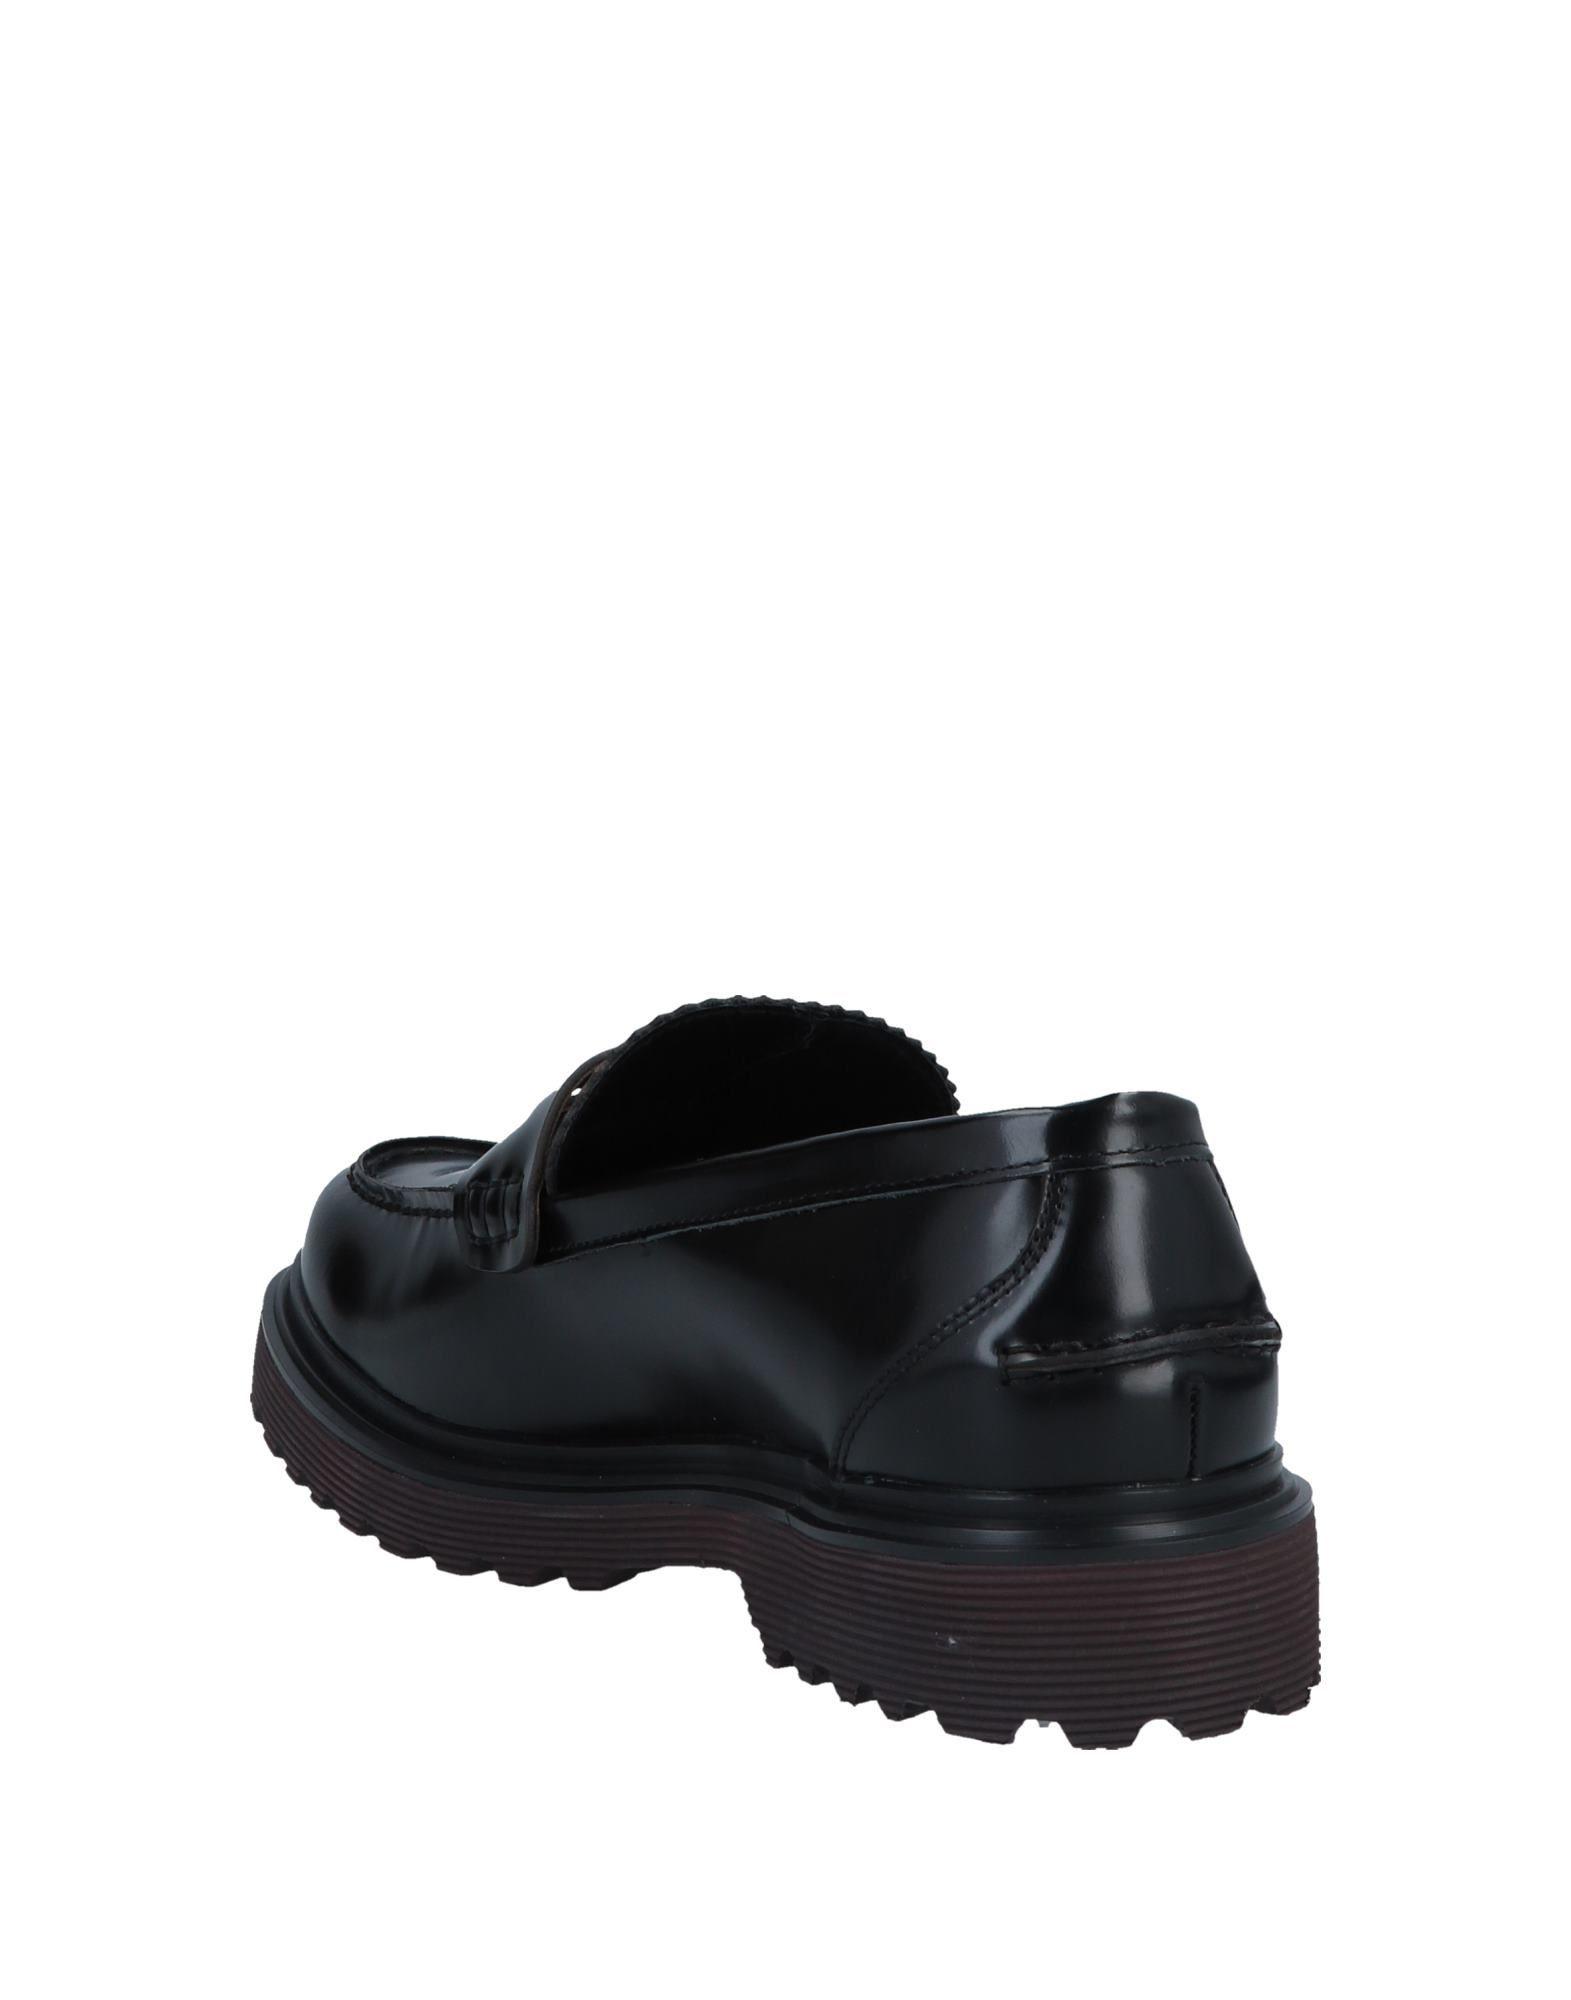 Docksteps Black Leather Loafers